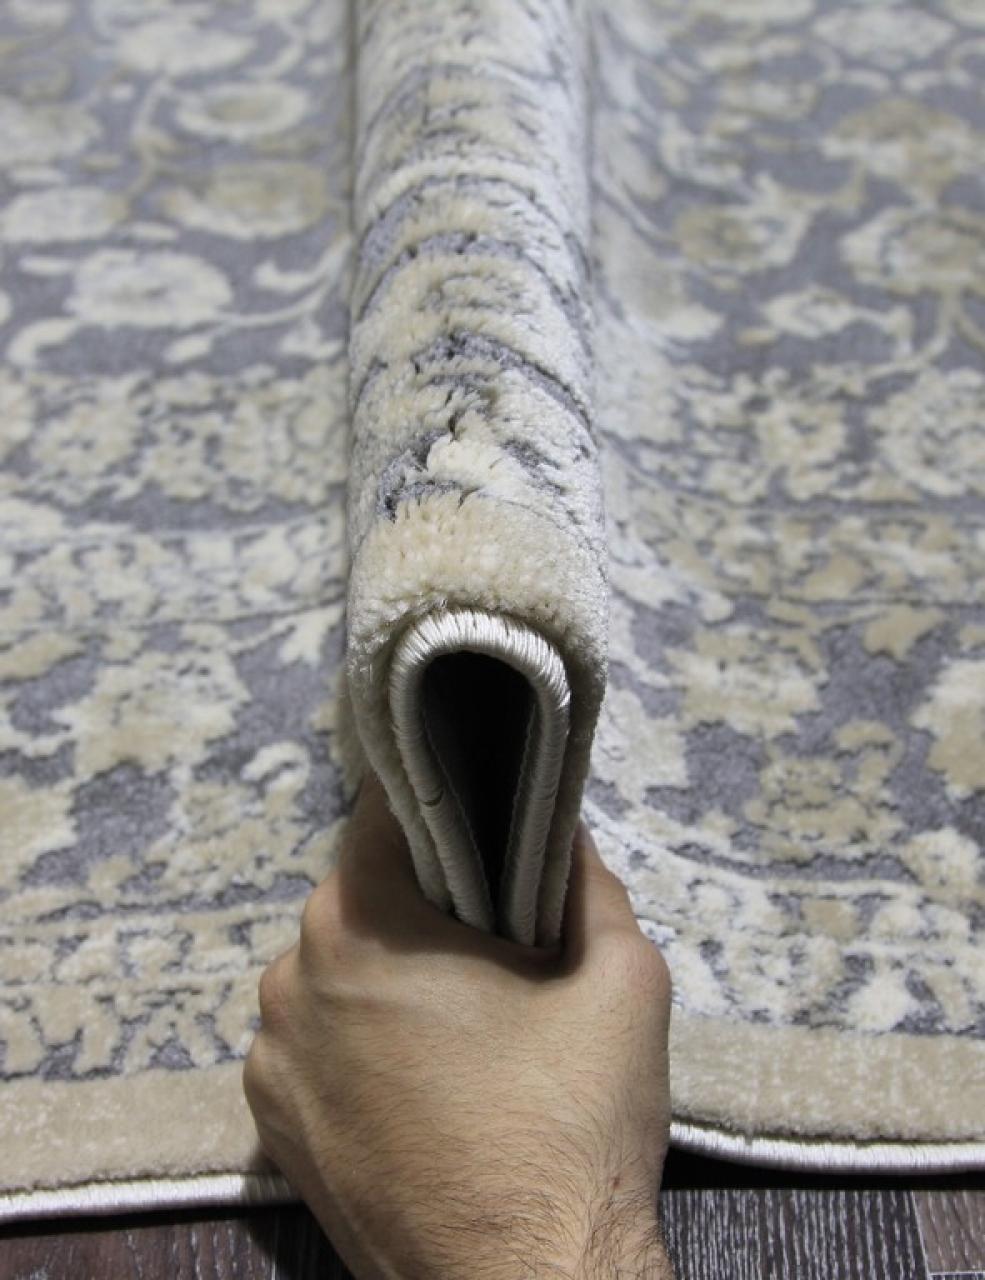 Ковер 17194 - 095 - Прямоугольник - коллекция THEMA - фото 2